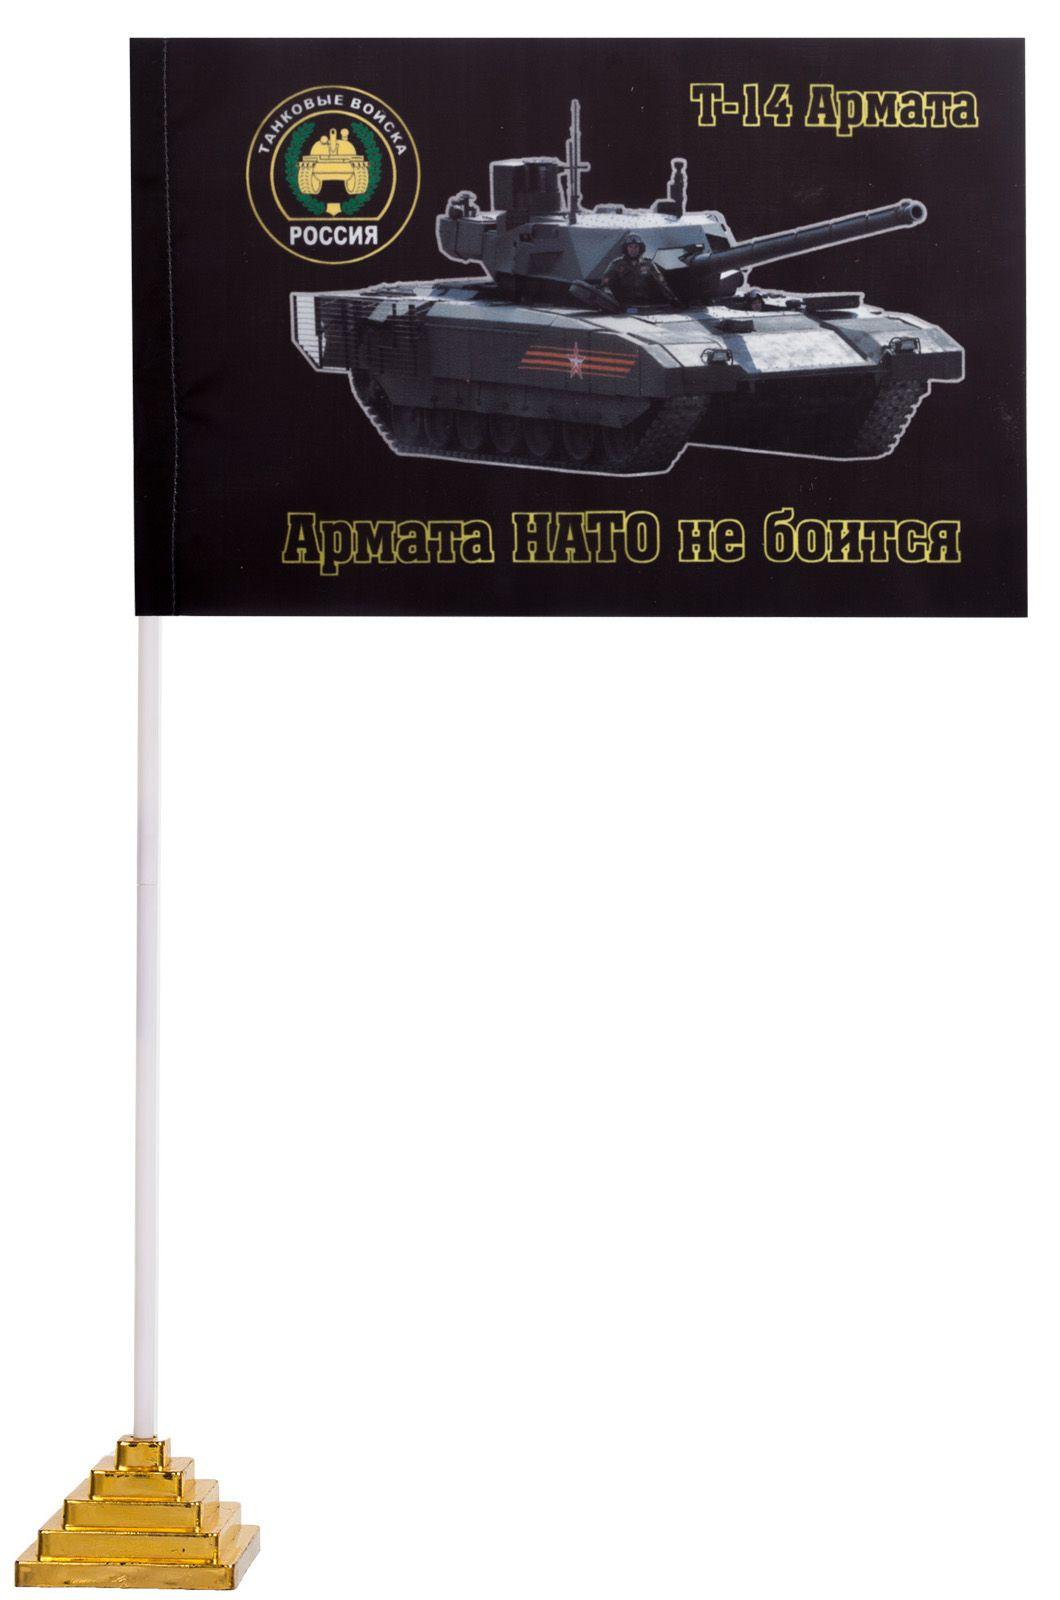 Настольный флаг с танком Армата